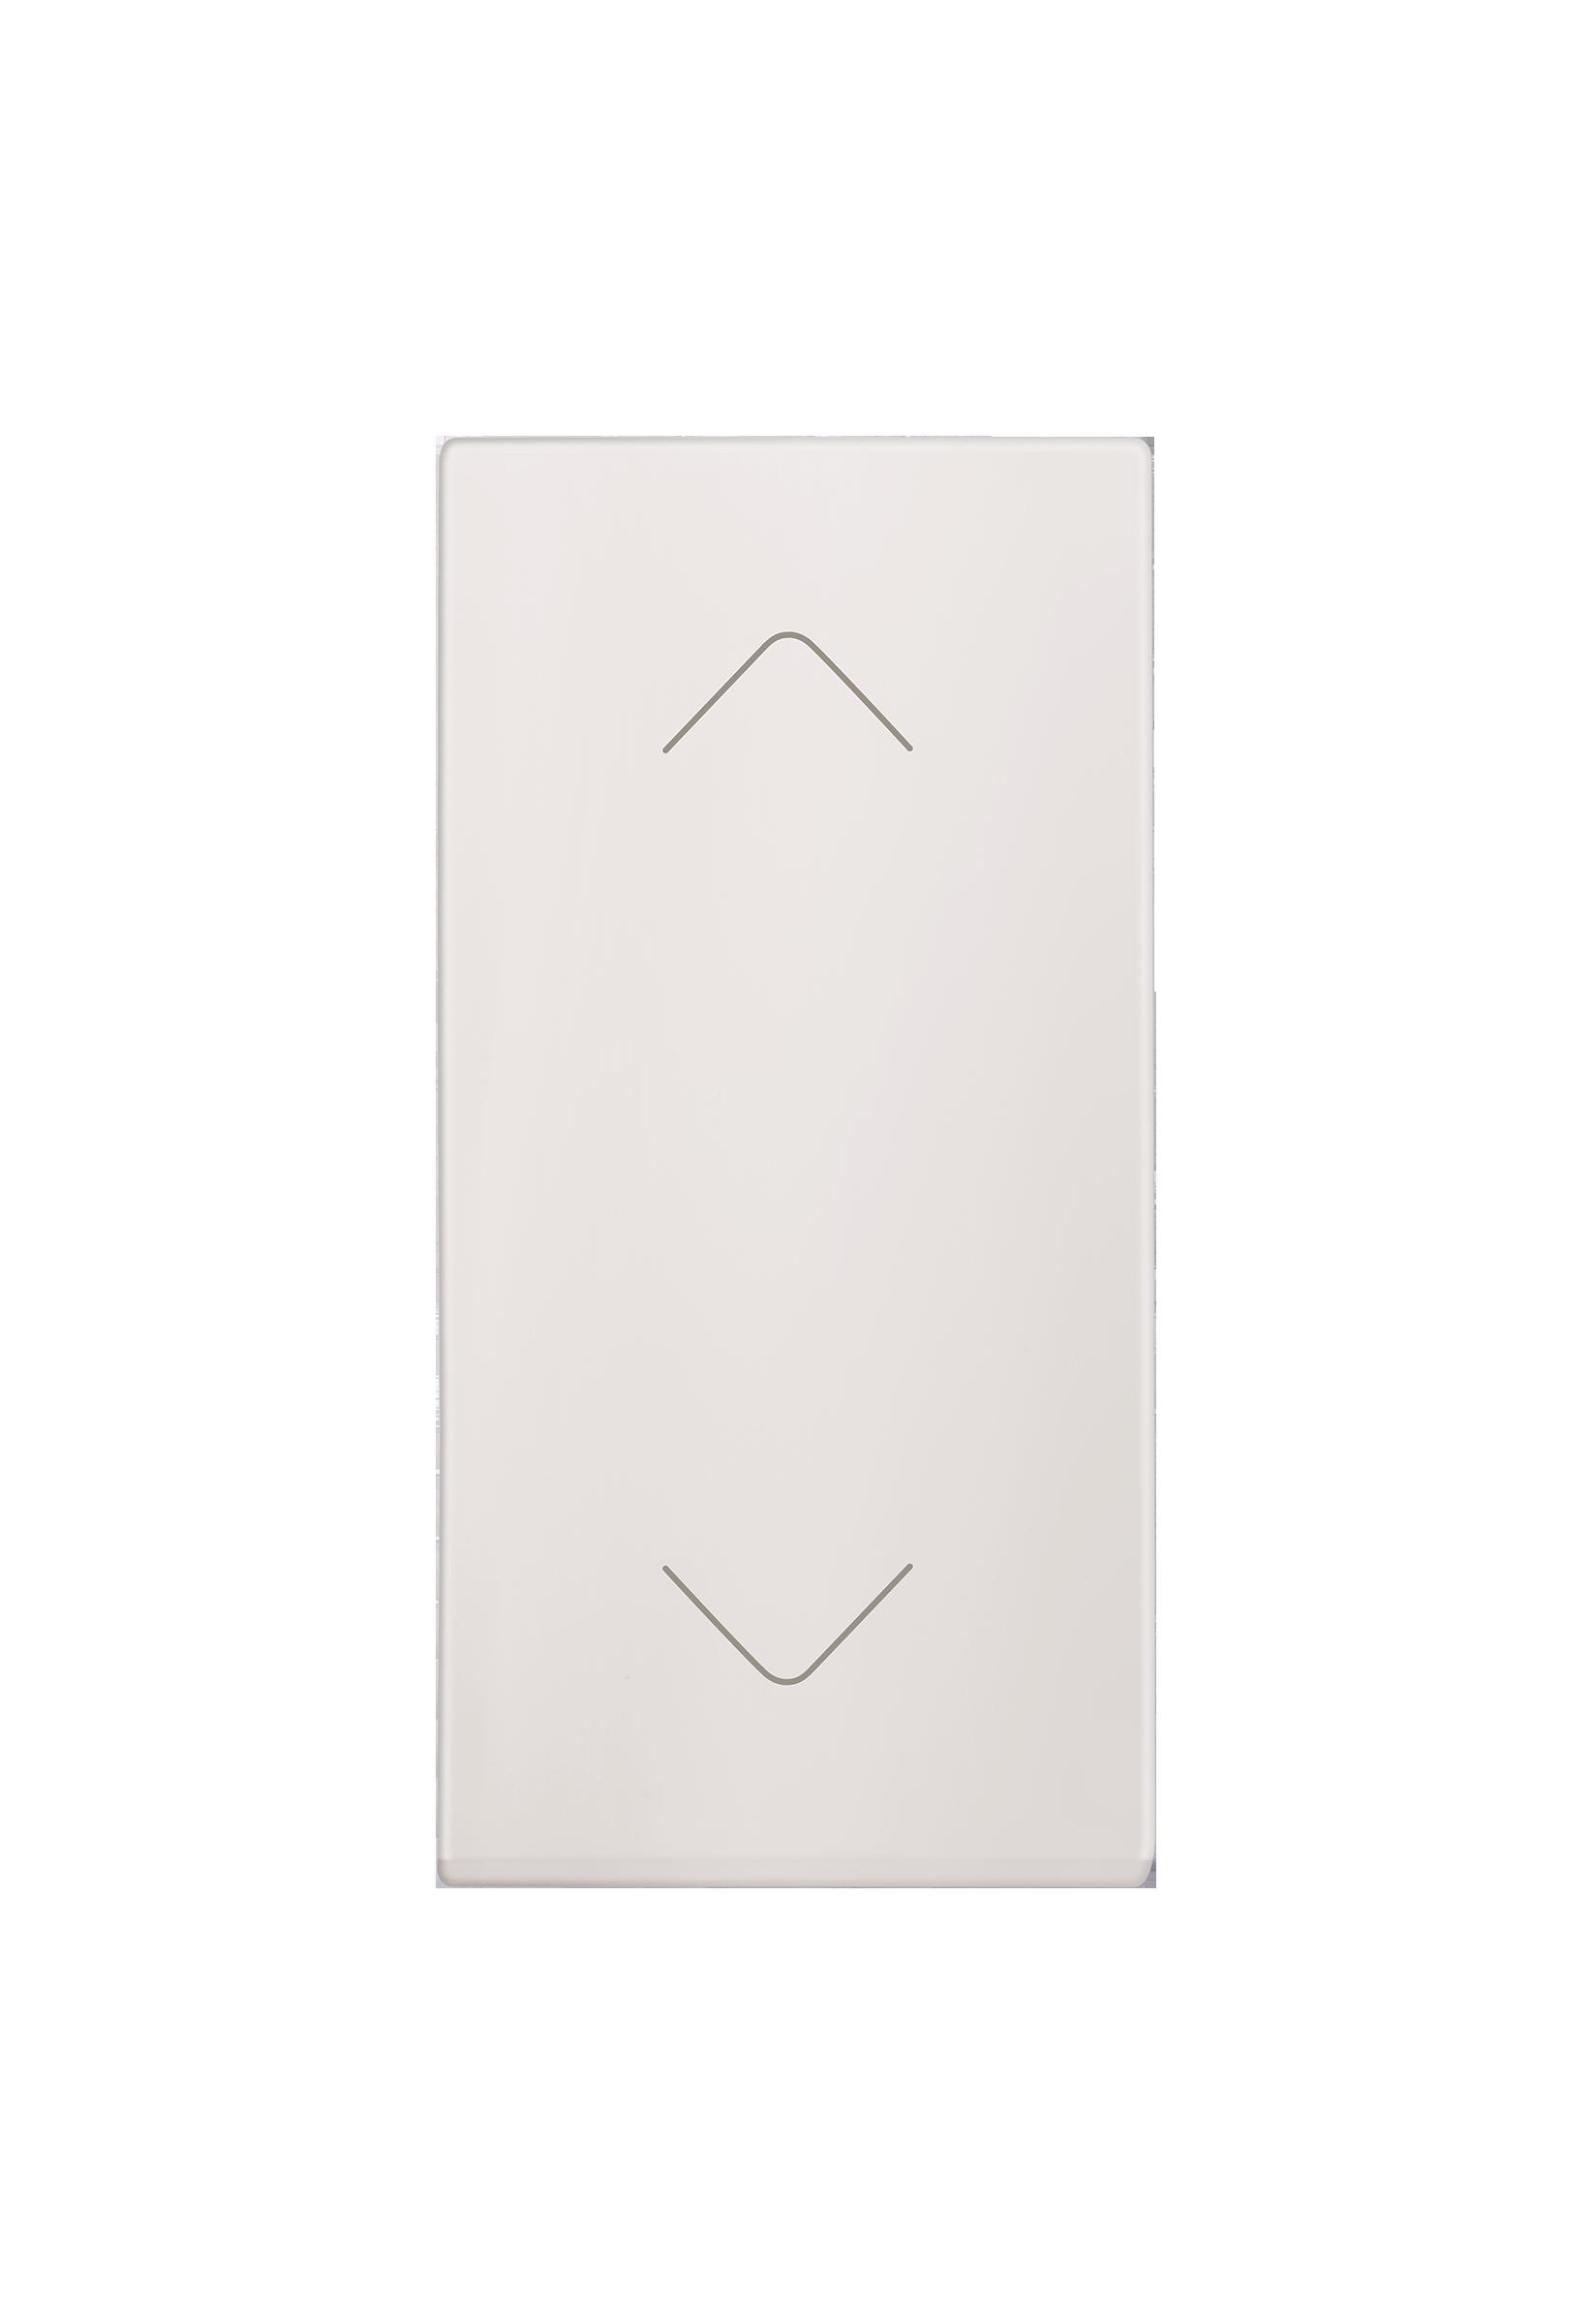 Myrius Nextgen 6A Switch 2 Way 1M White